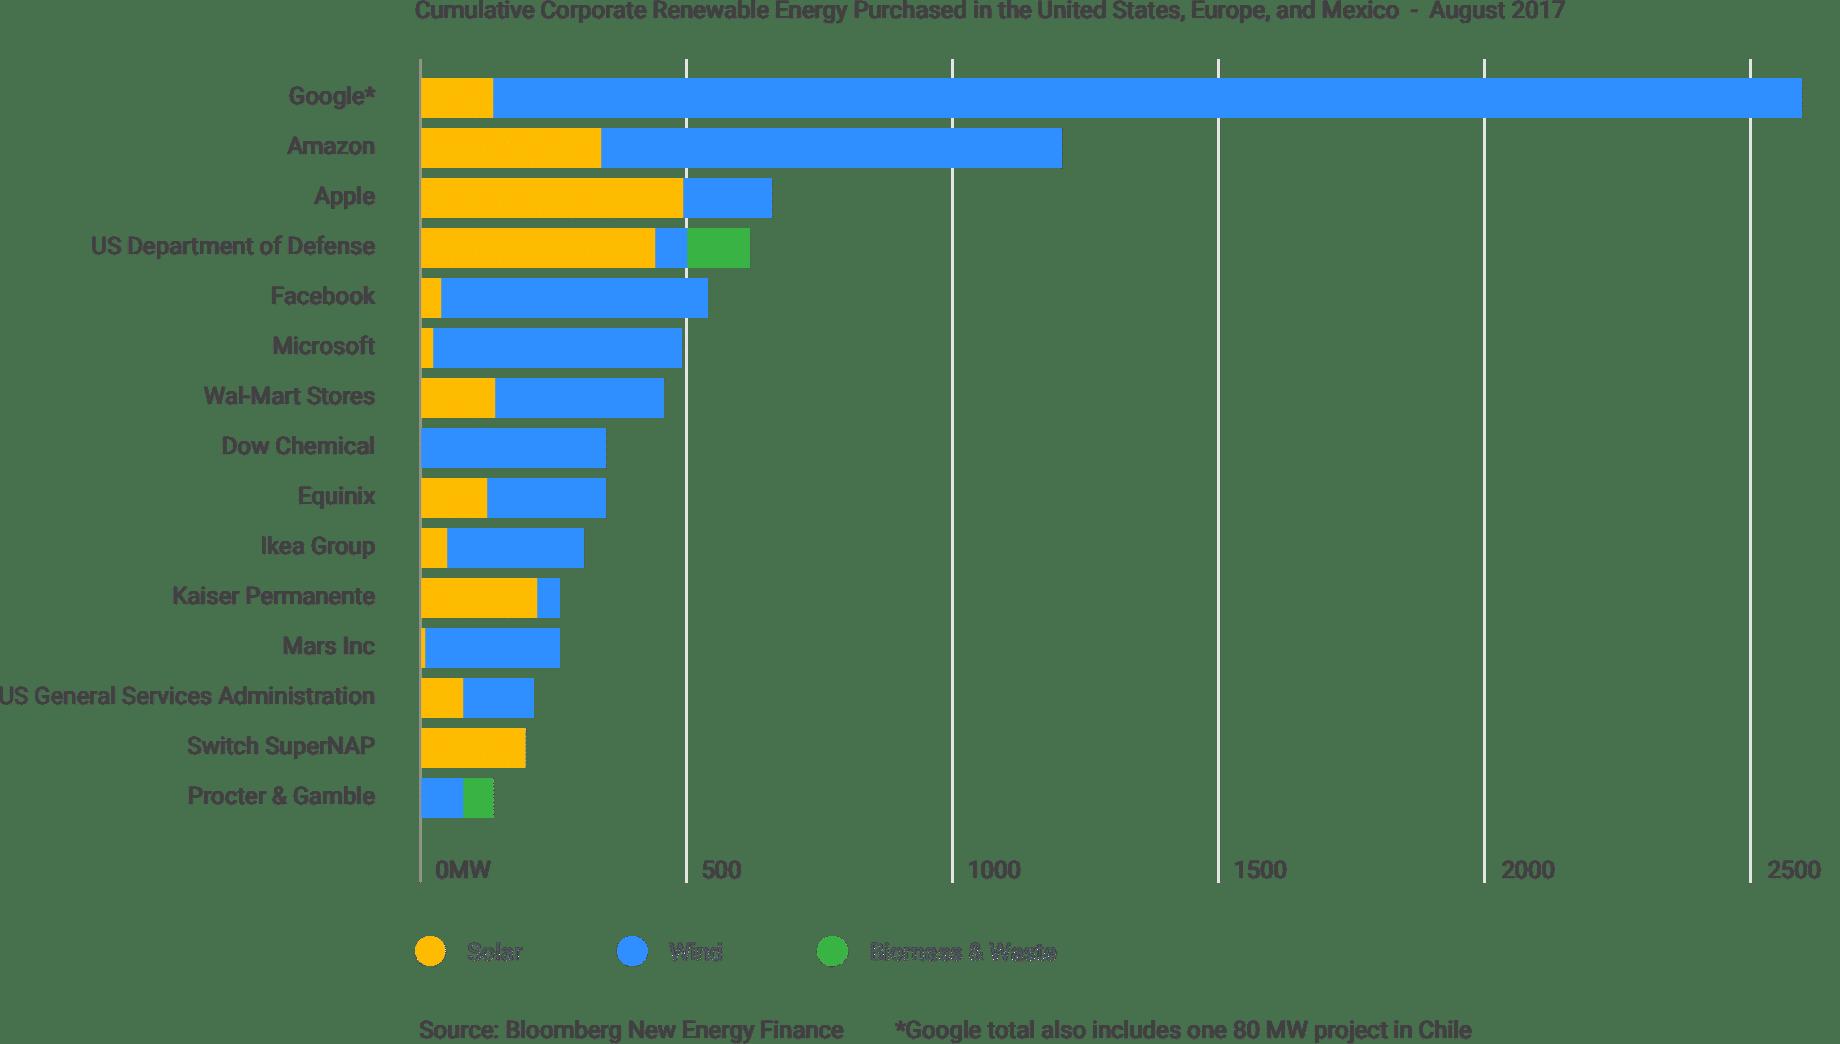 Erneuerbare Energie gekauft (Quelle